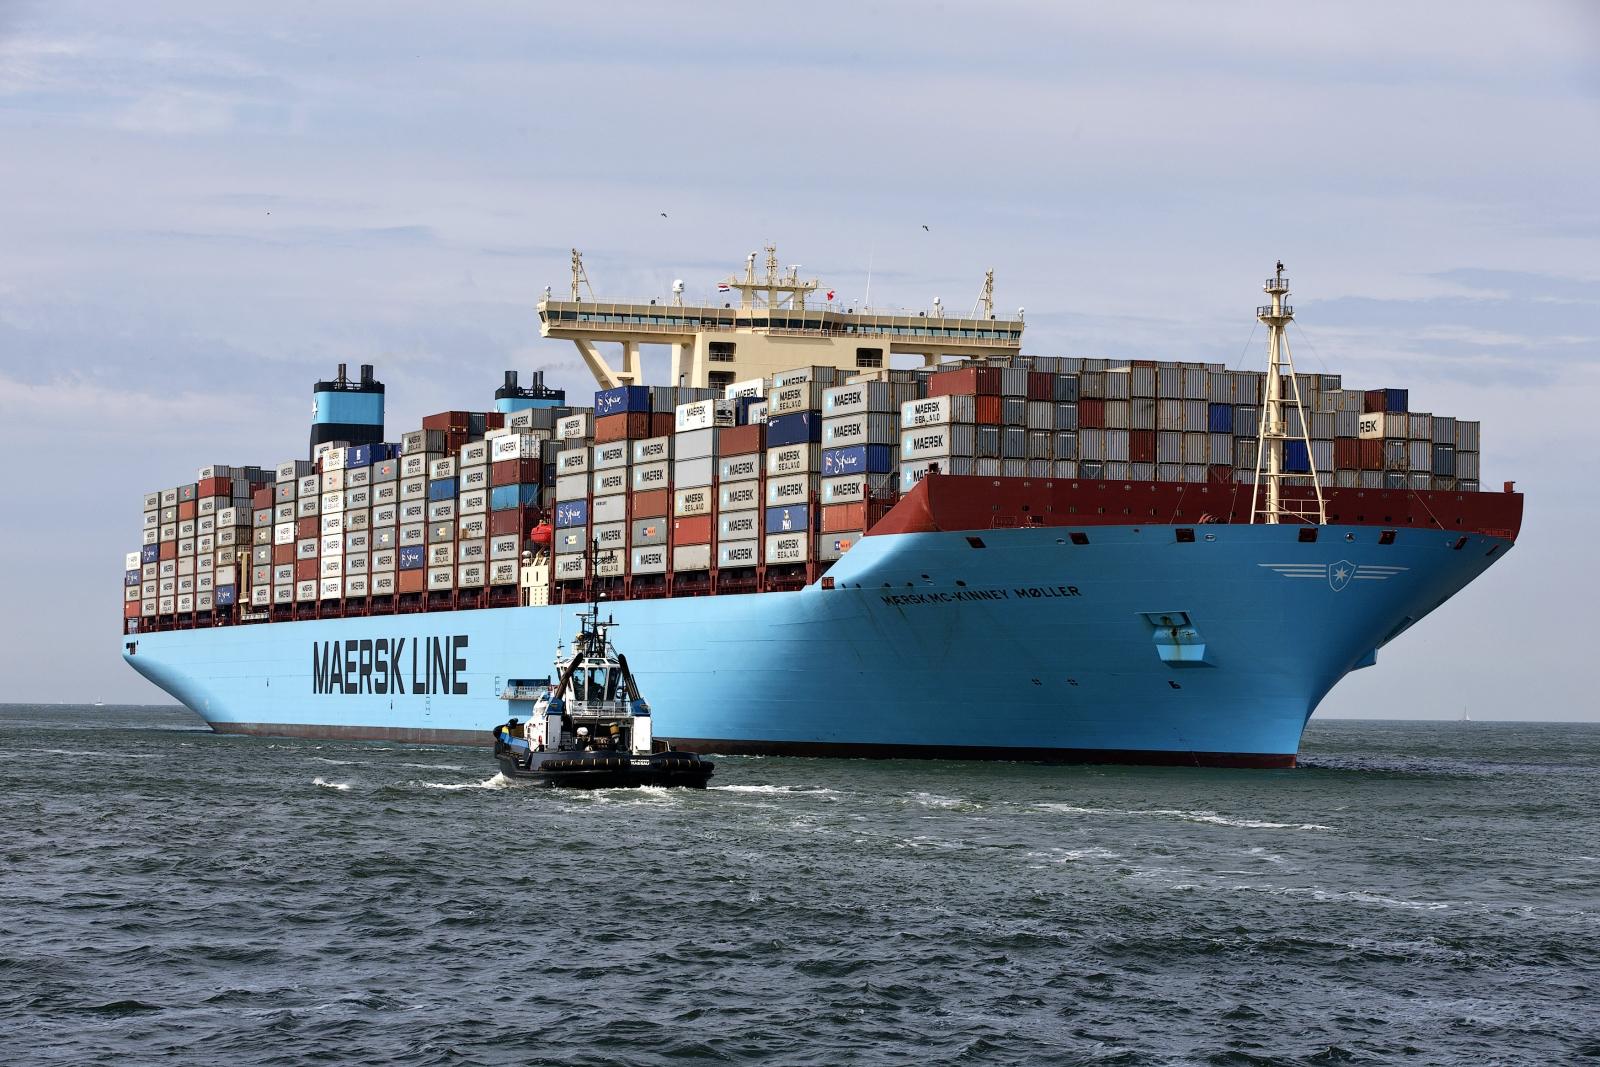 MV Maersk Mc-Kinney Moller,